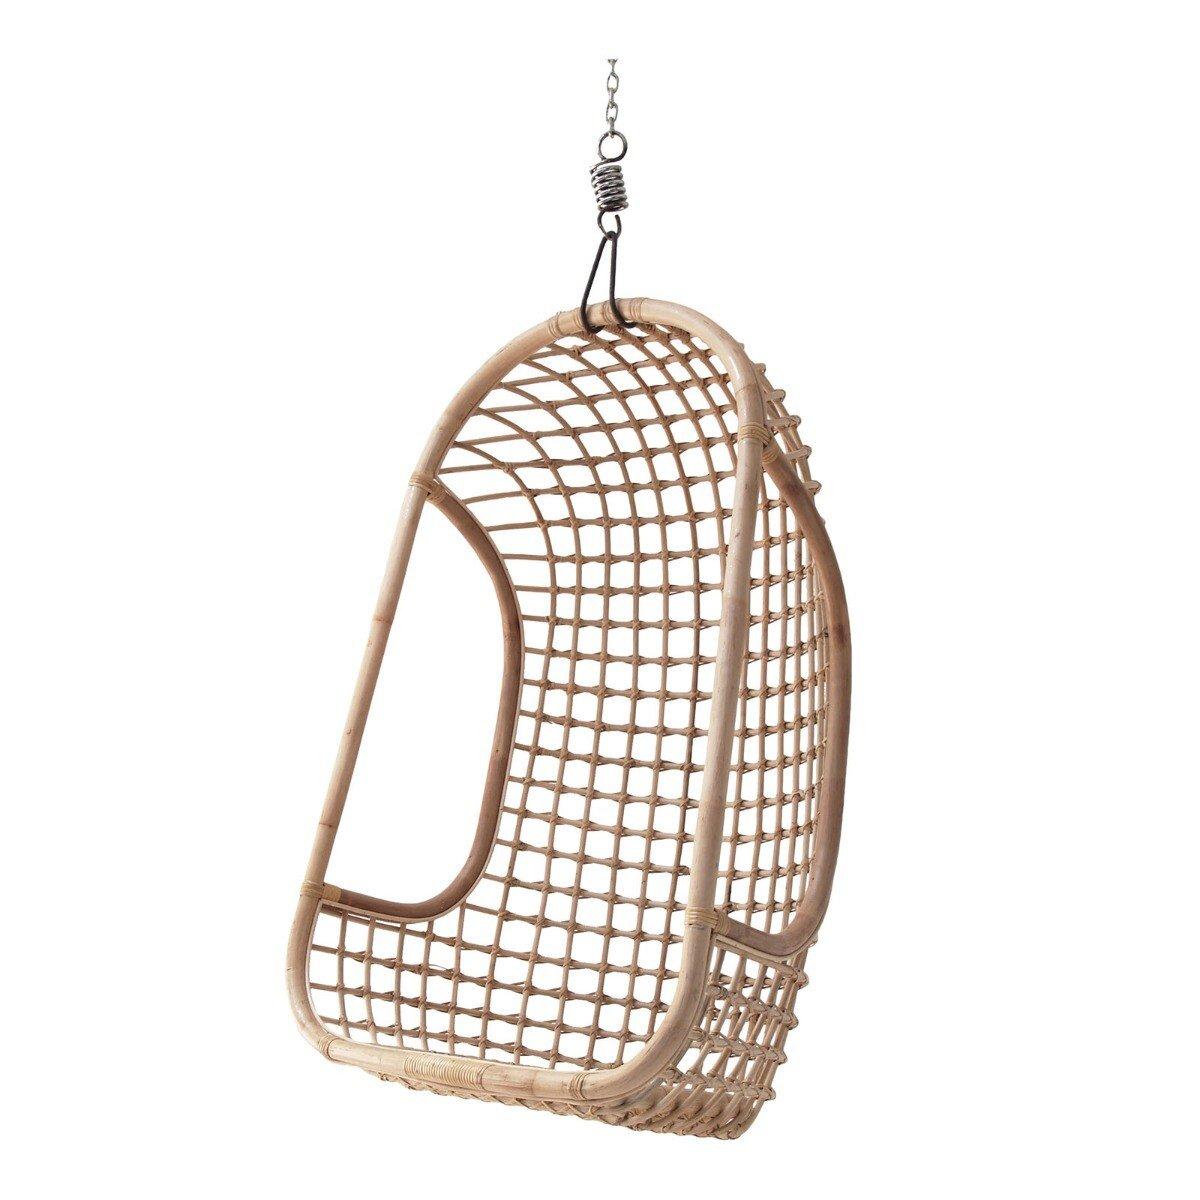 HKliving hangstoel rotan naturel 110 x 72 x 55